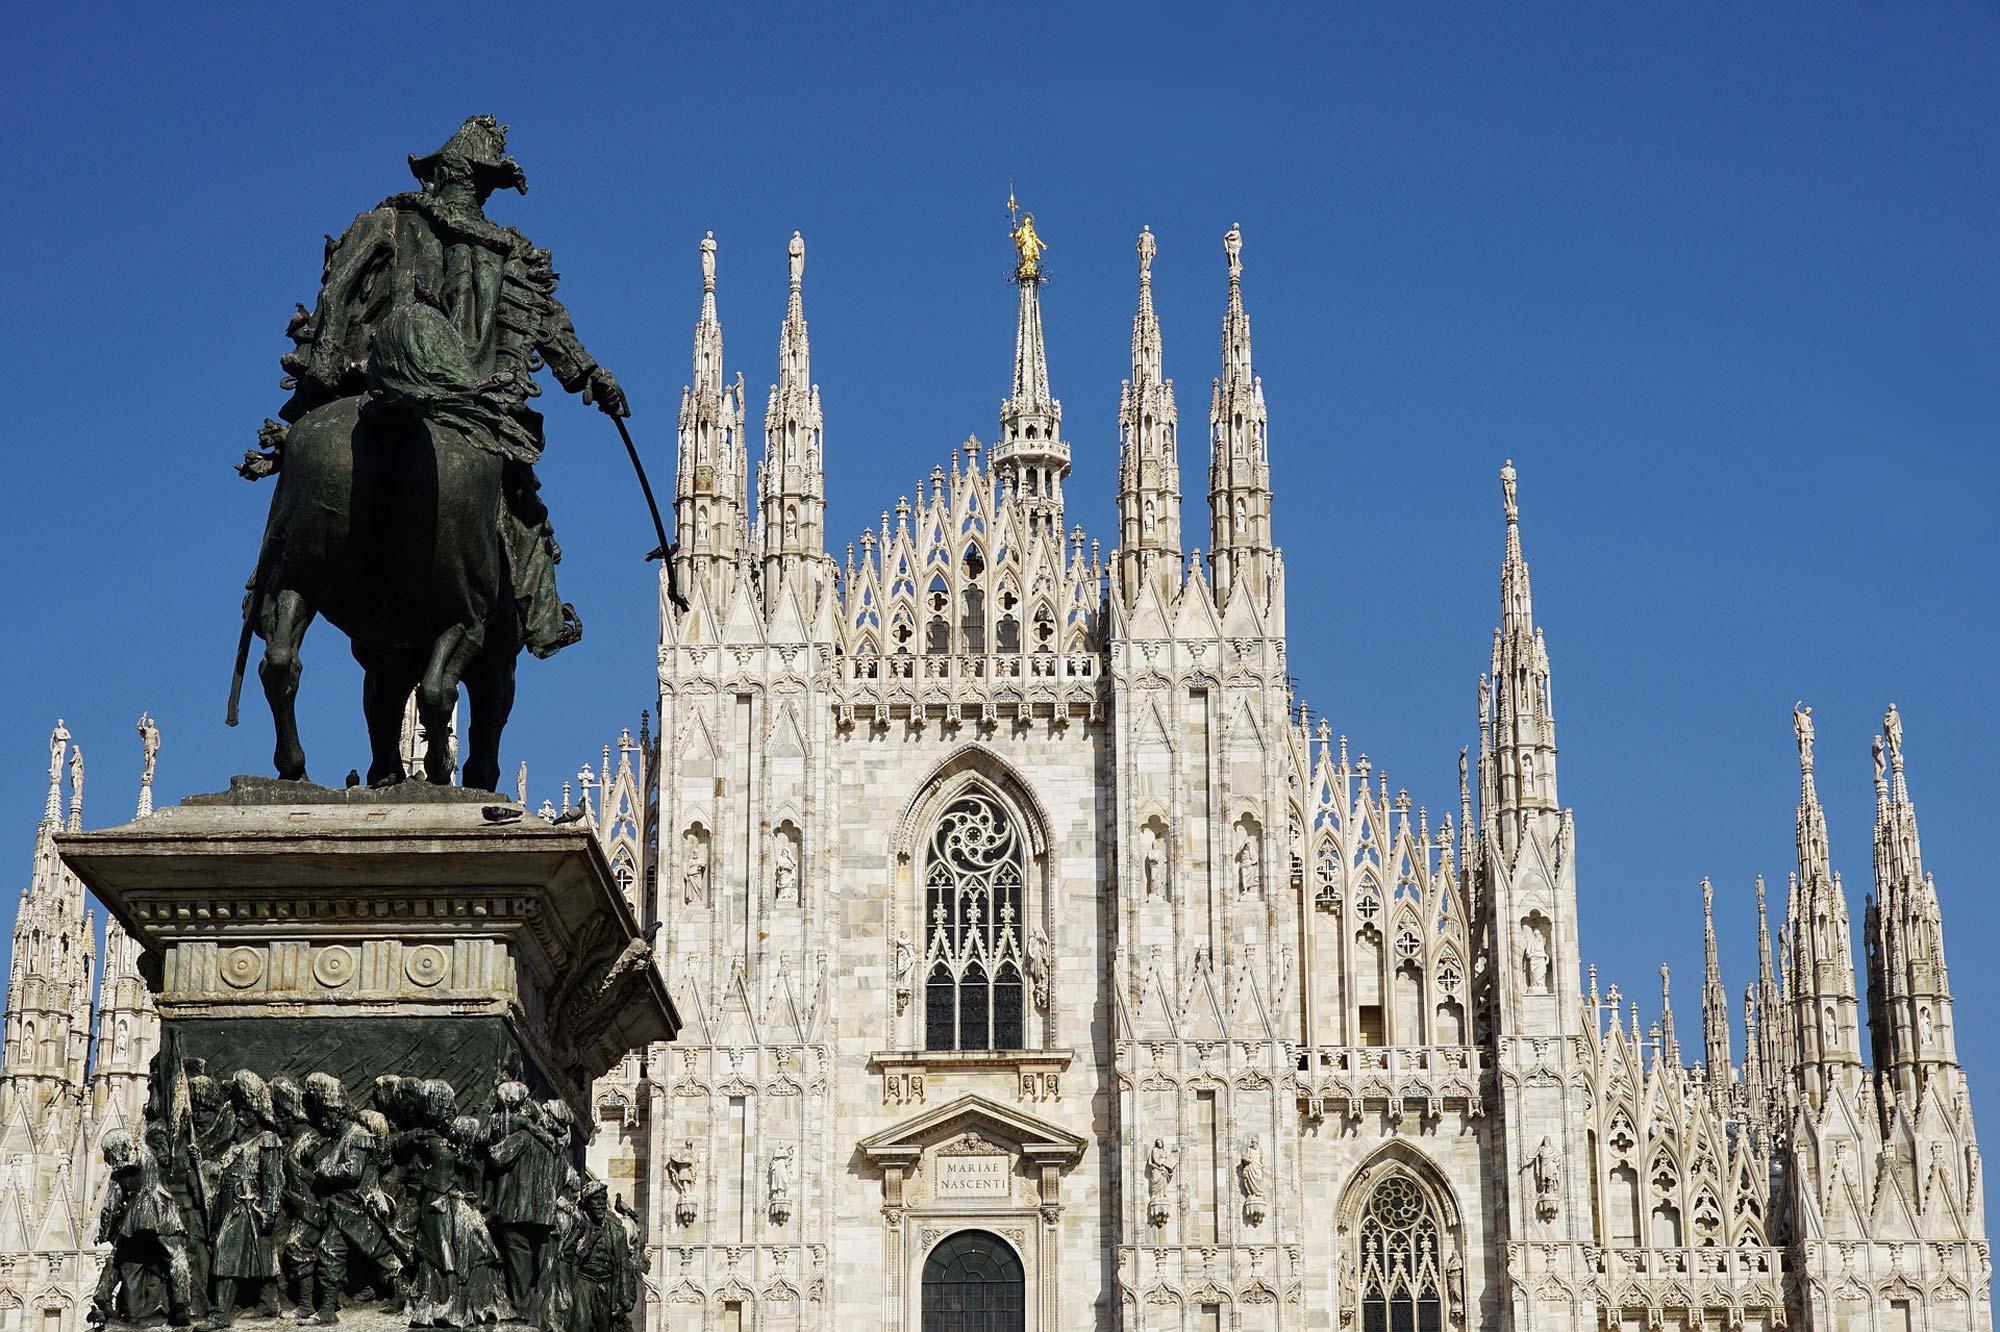 Photo du haut de la cathédrale de Milan prise de loin en plein jour